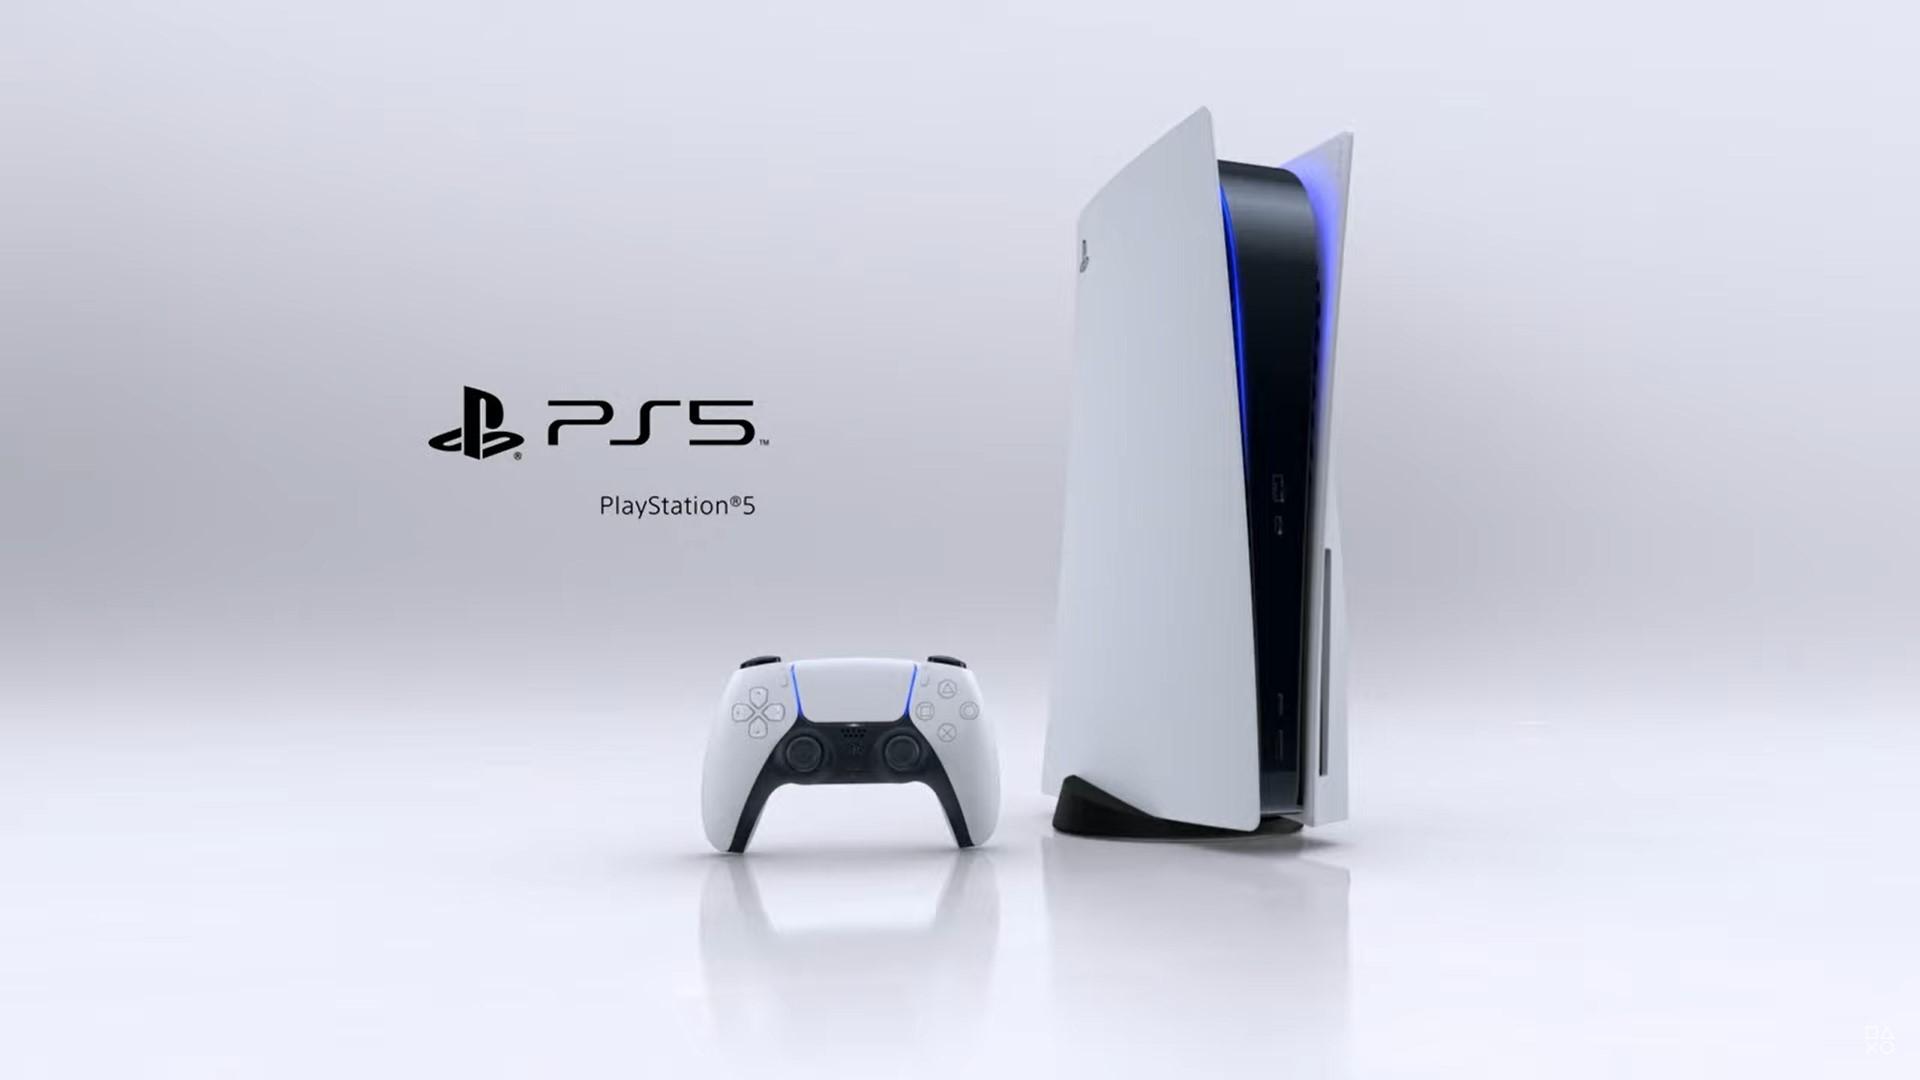 PS5 Box Content